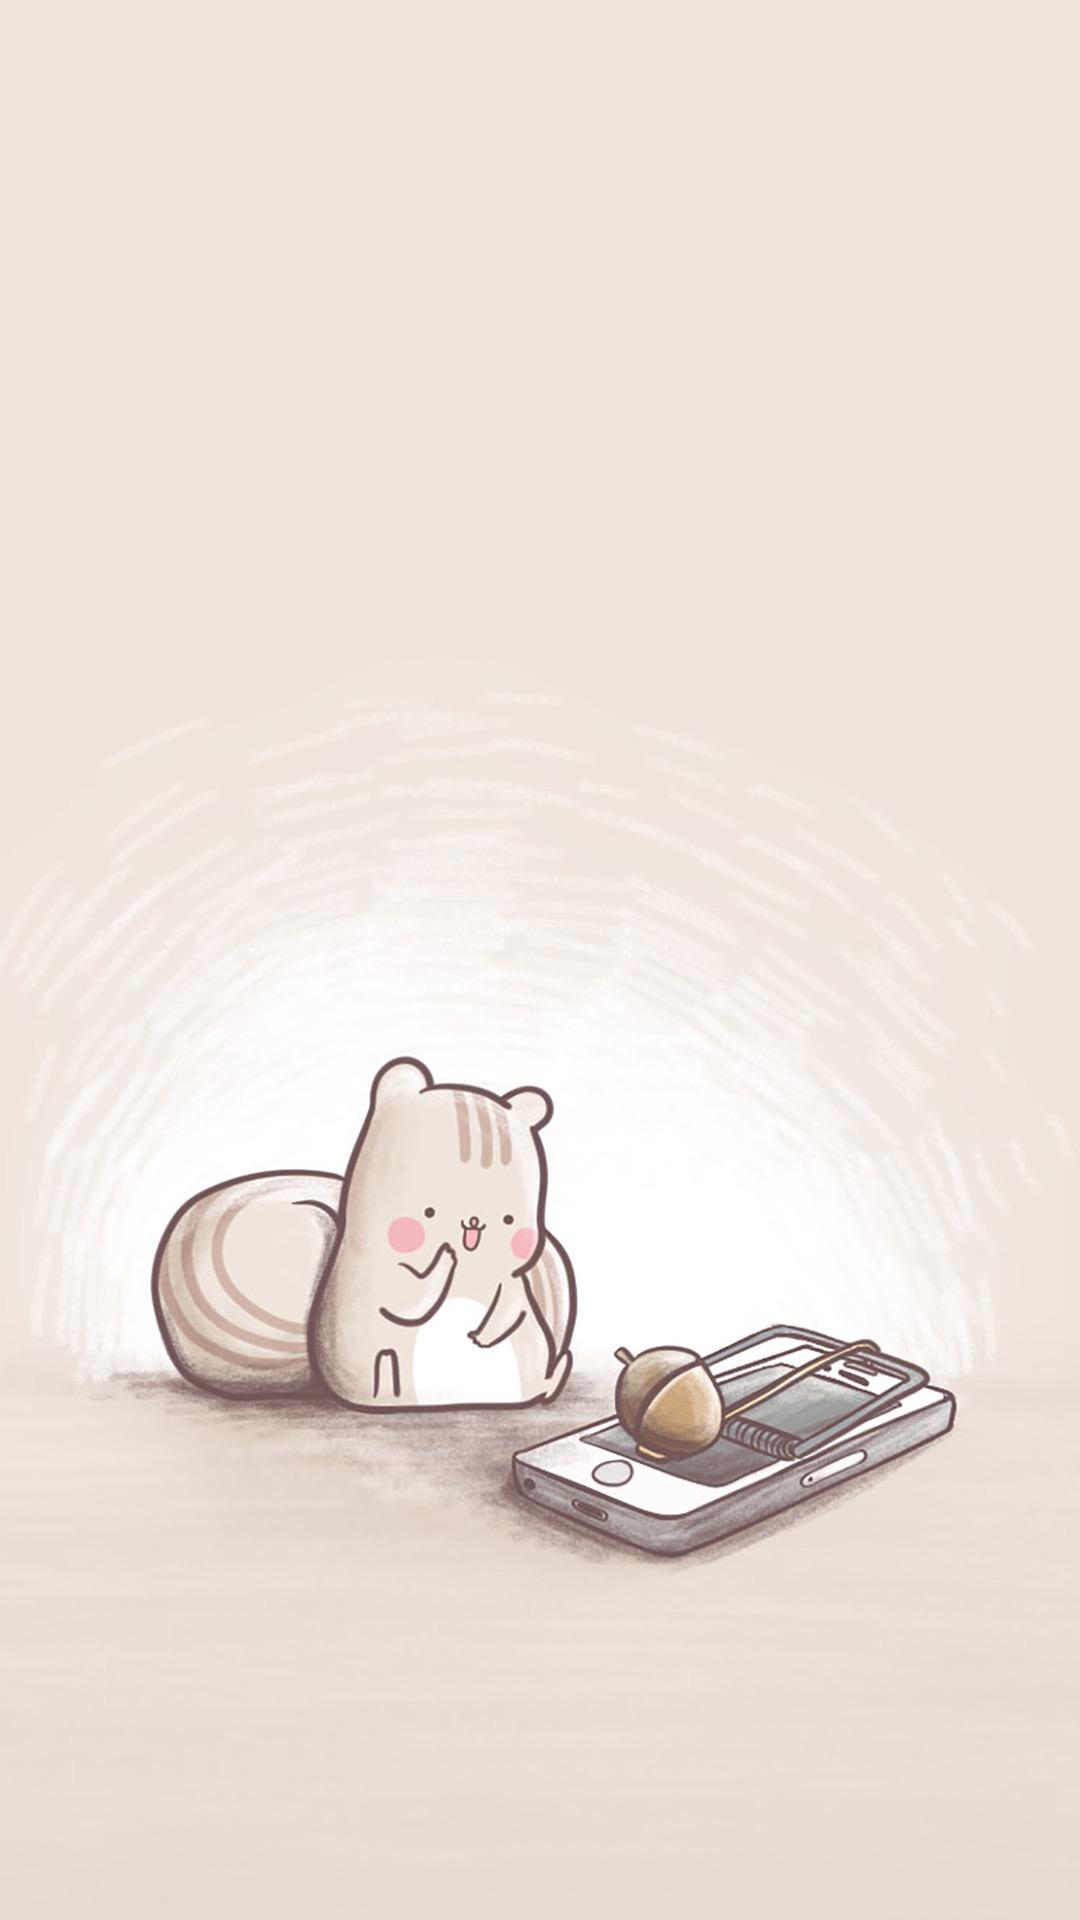 可爱 卡通 松鼠 坚果